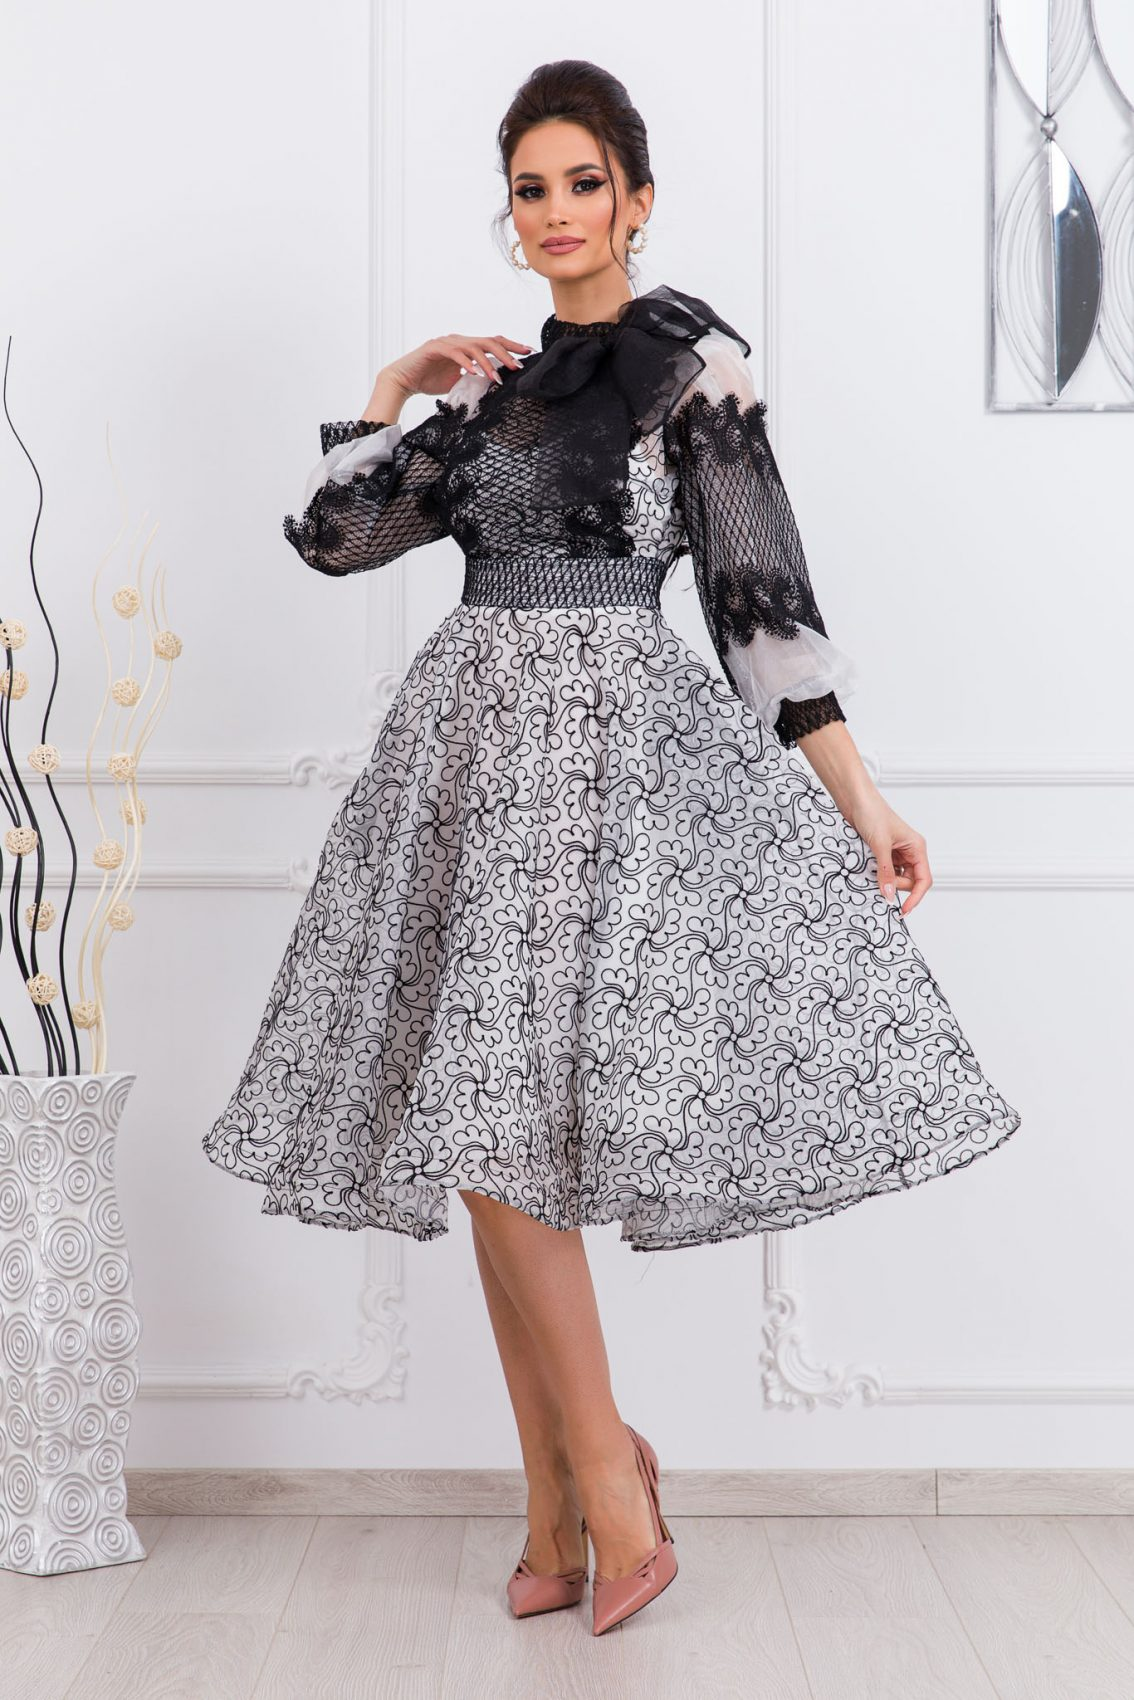 Βραδινό Φόρεμα Με Δαντέλα Radiant 9749 3